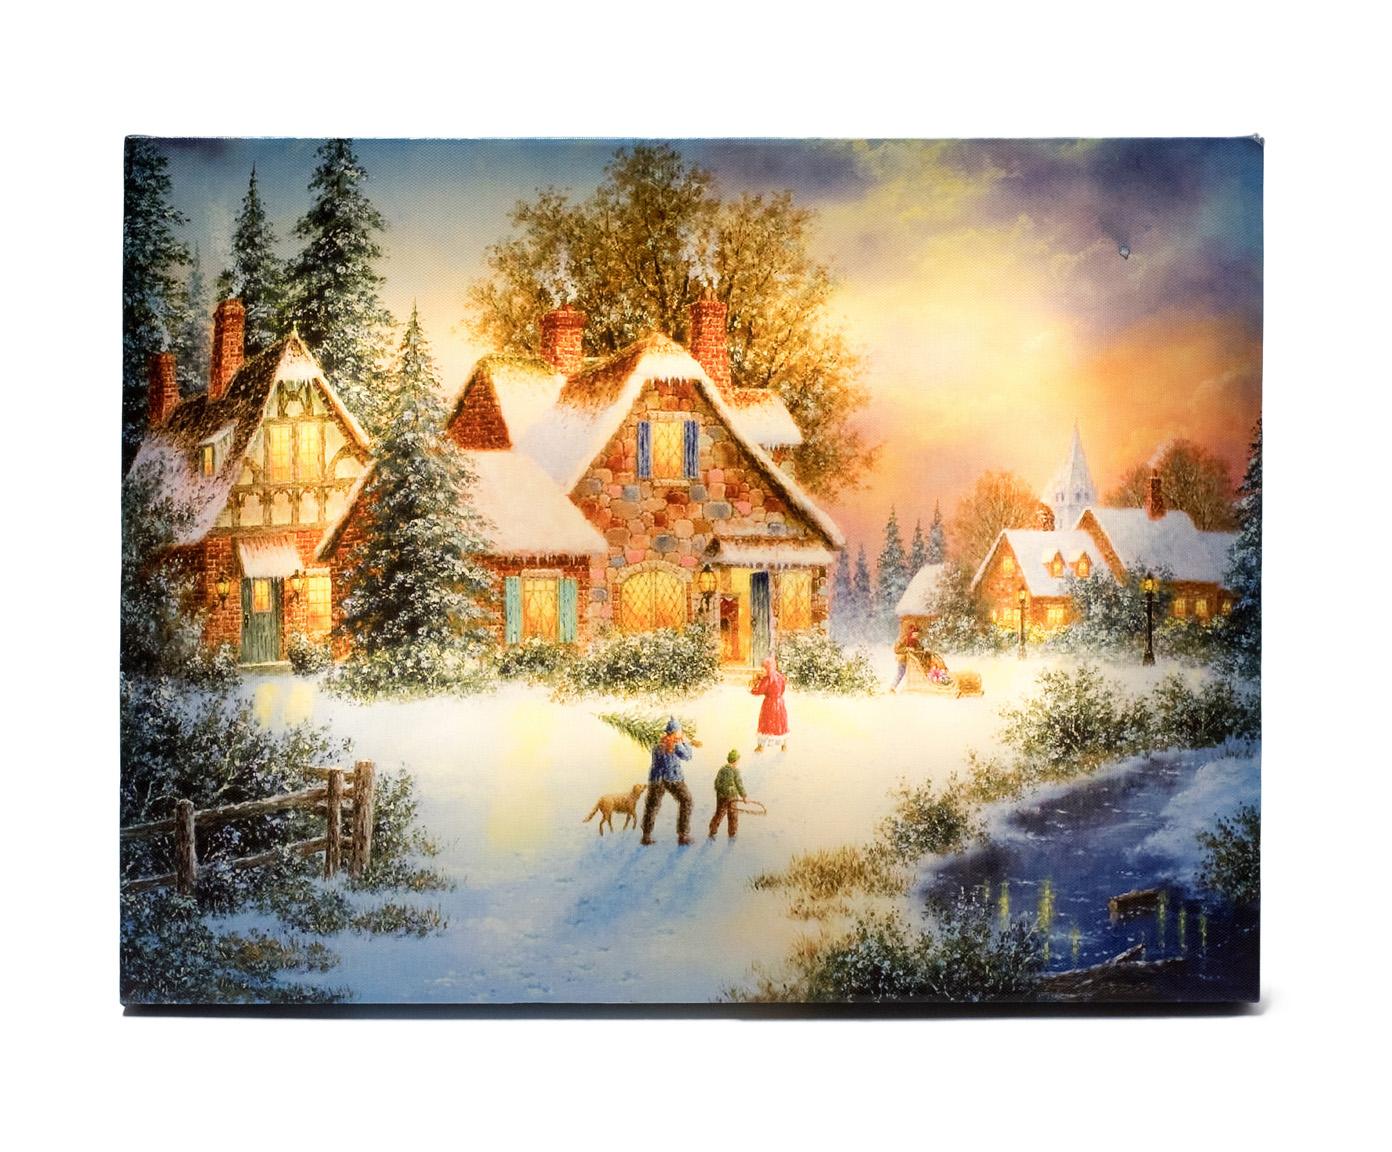 Obraz Podświetlany Zima 30 X 40 Na Prezent W Wa 7009737098